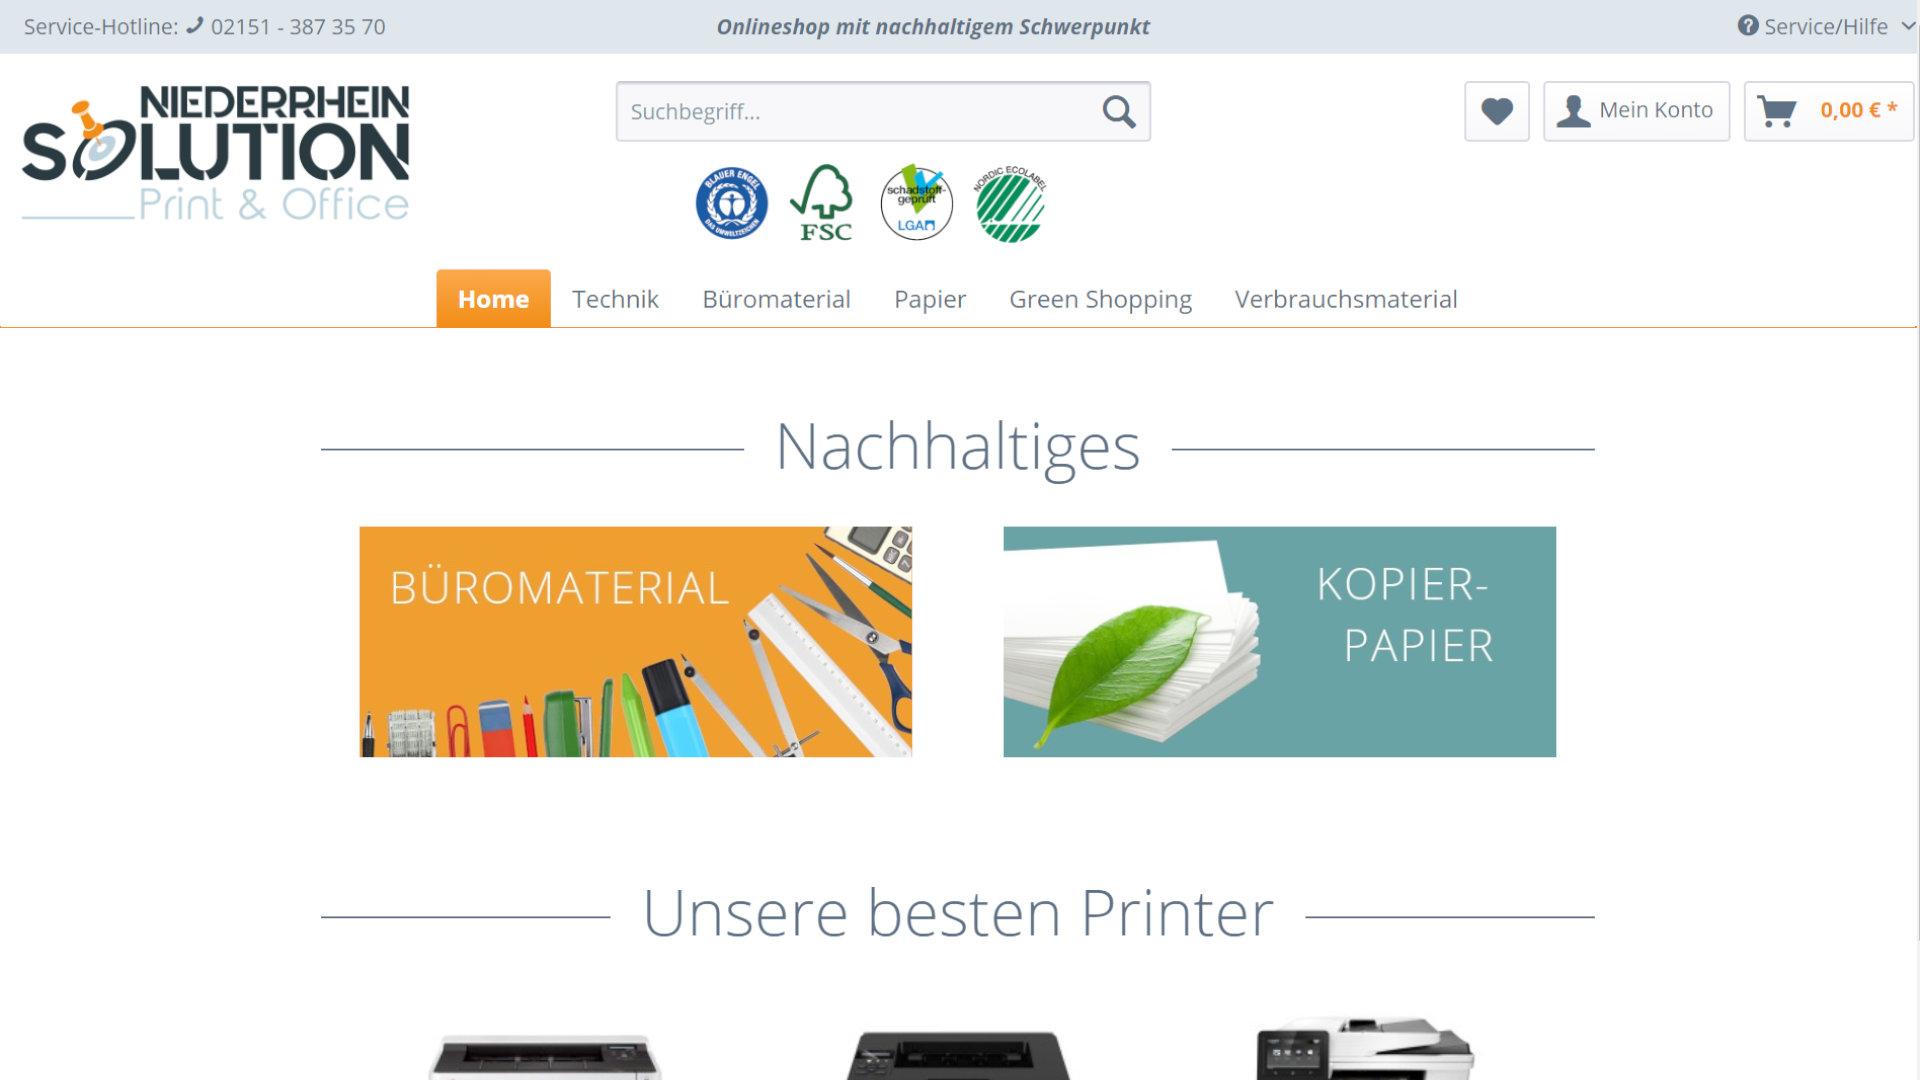 Screenshot: Niederrhein Solution - Druckerzubehör - Onlineshop